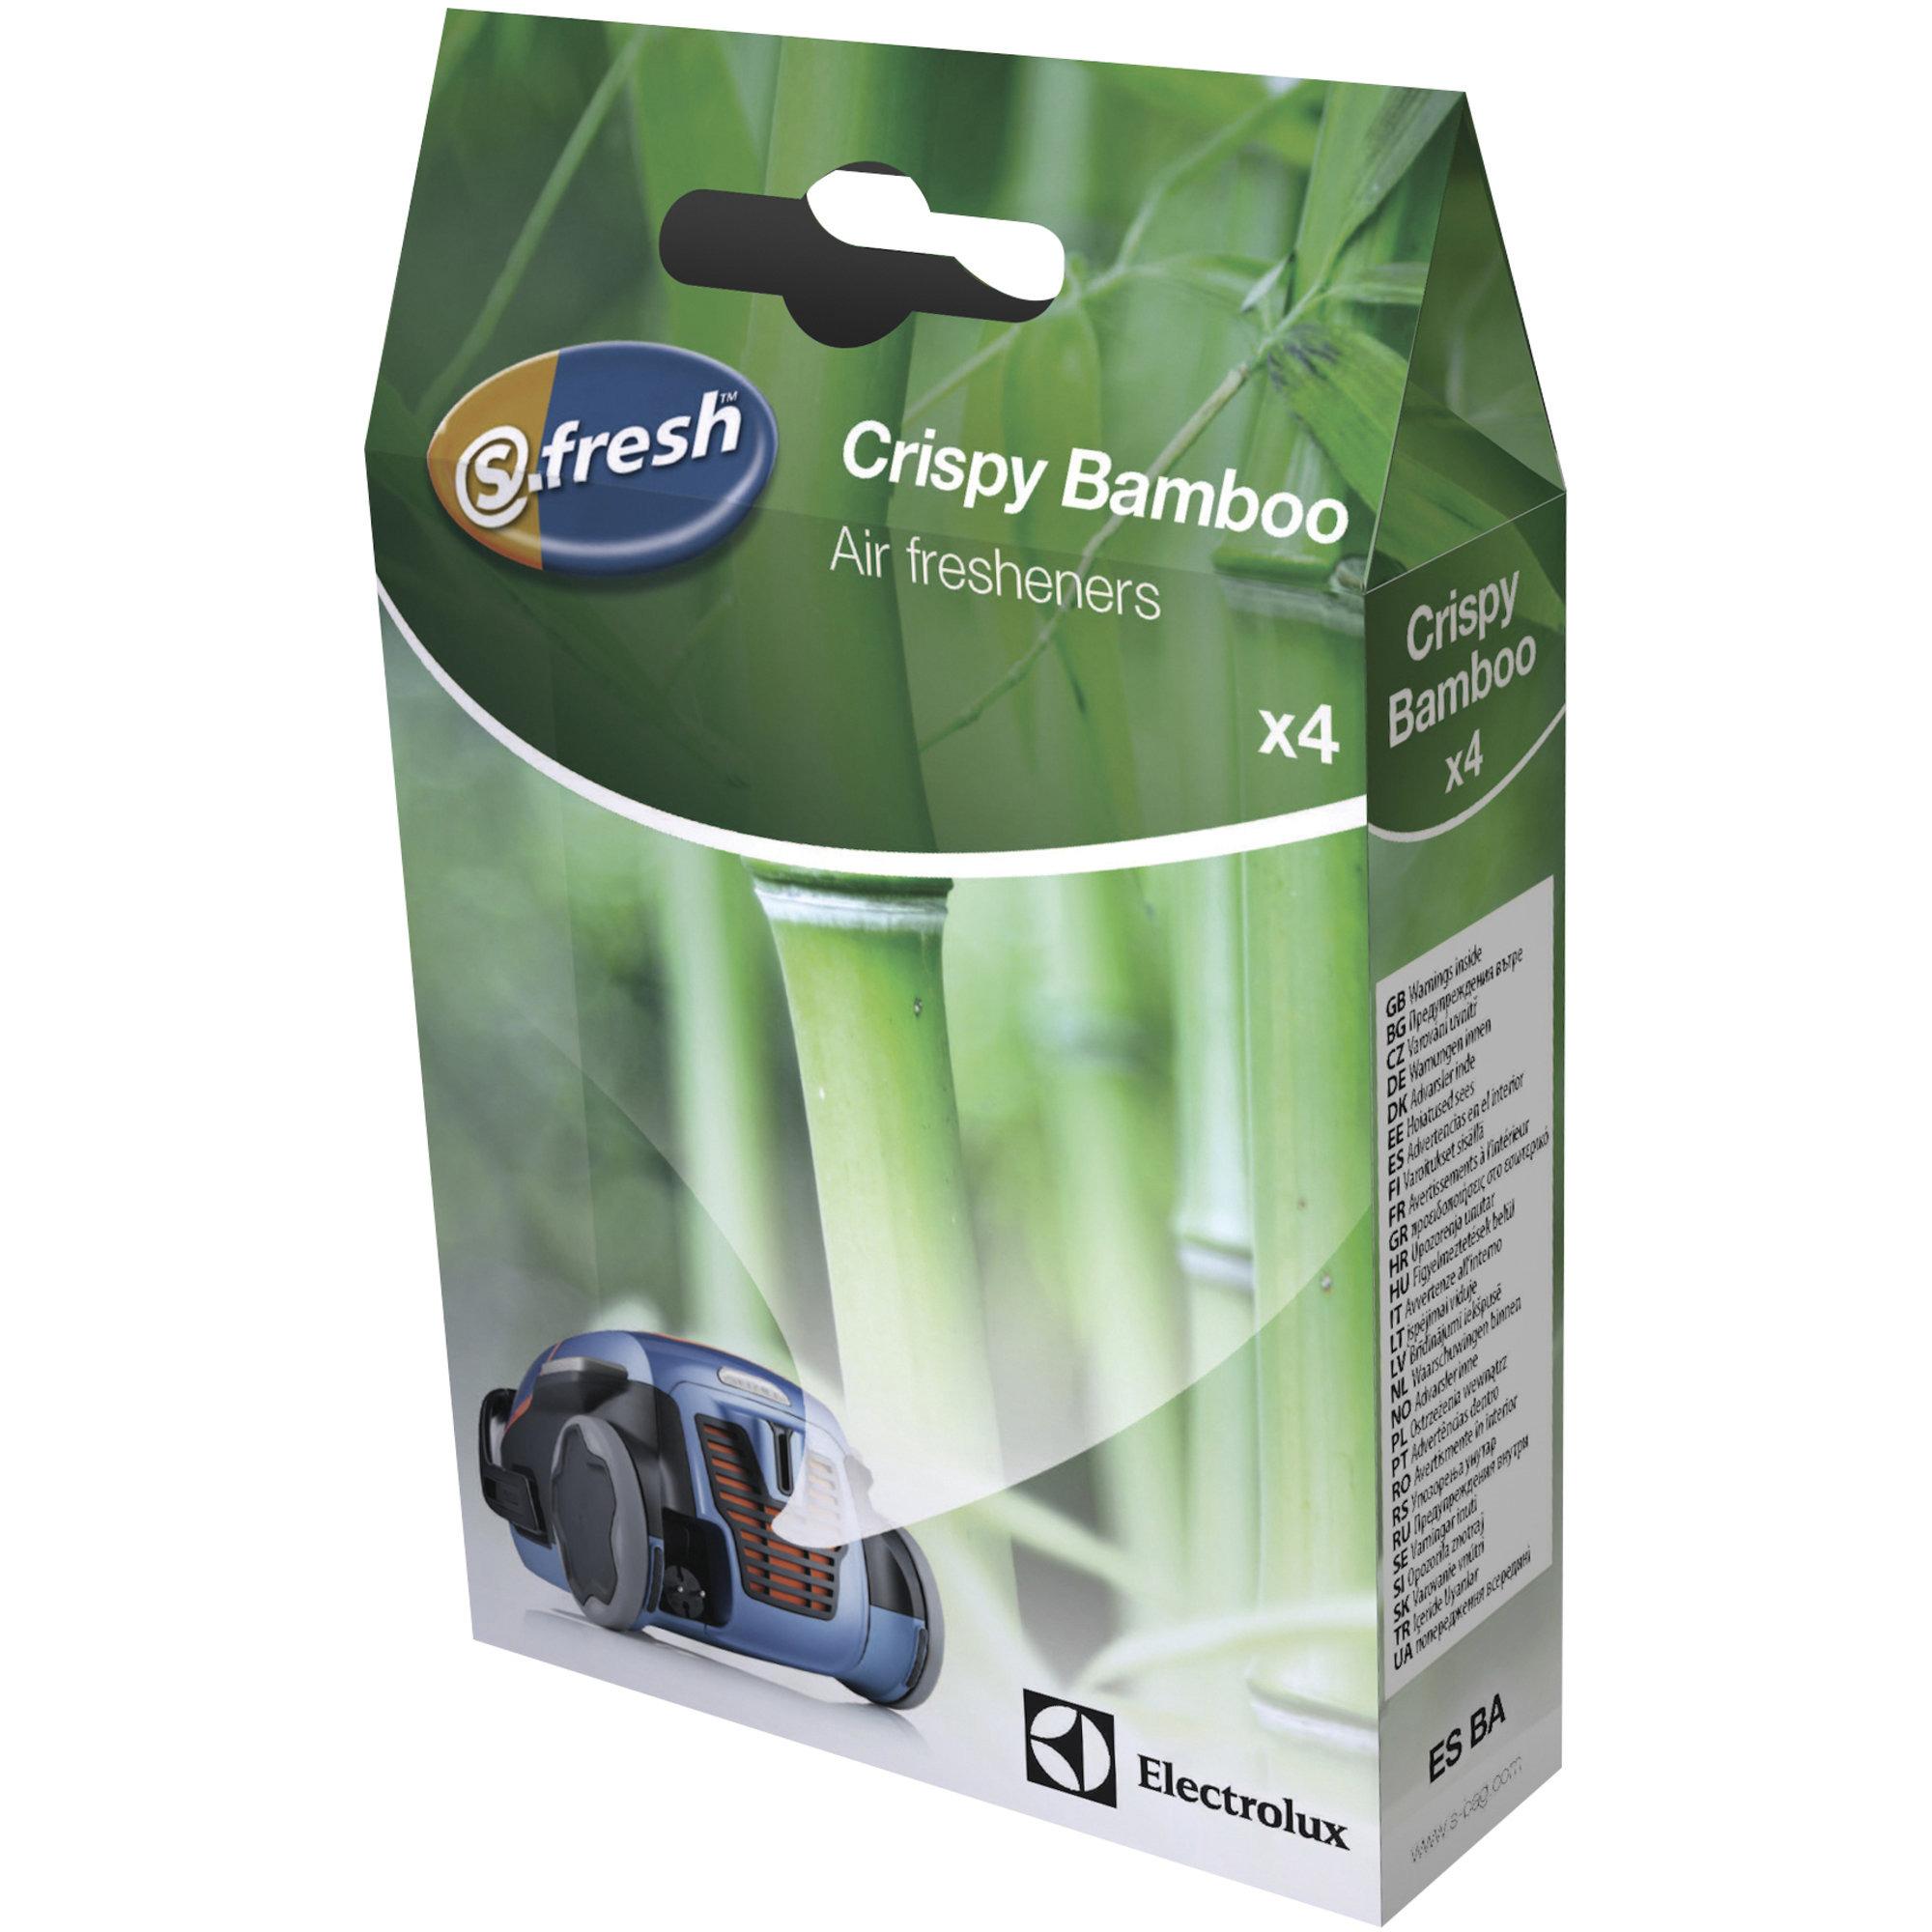 Electrolux S-fresh Crispy Bamboo luftfrisker til støvsuger